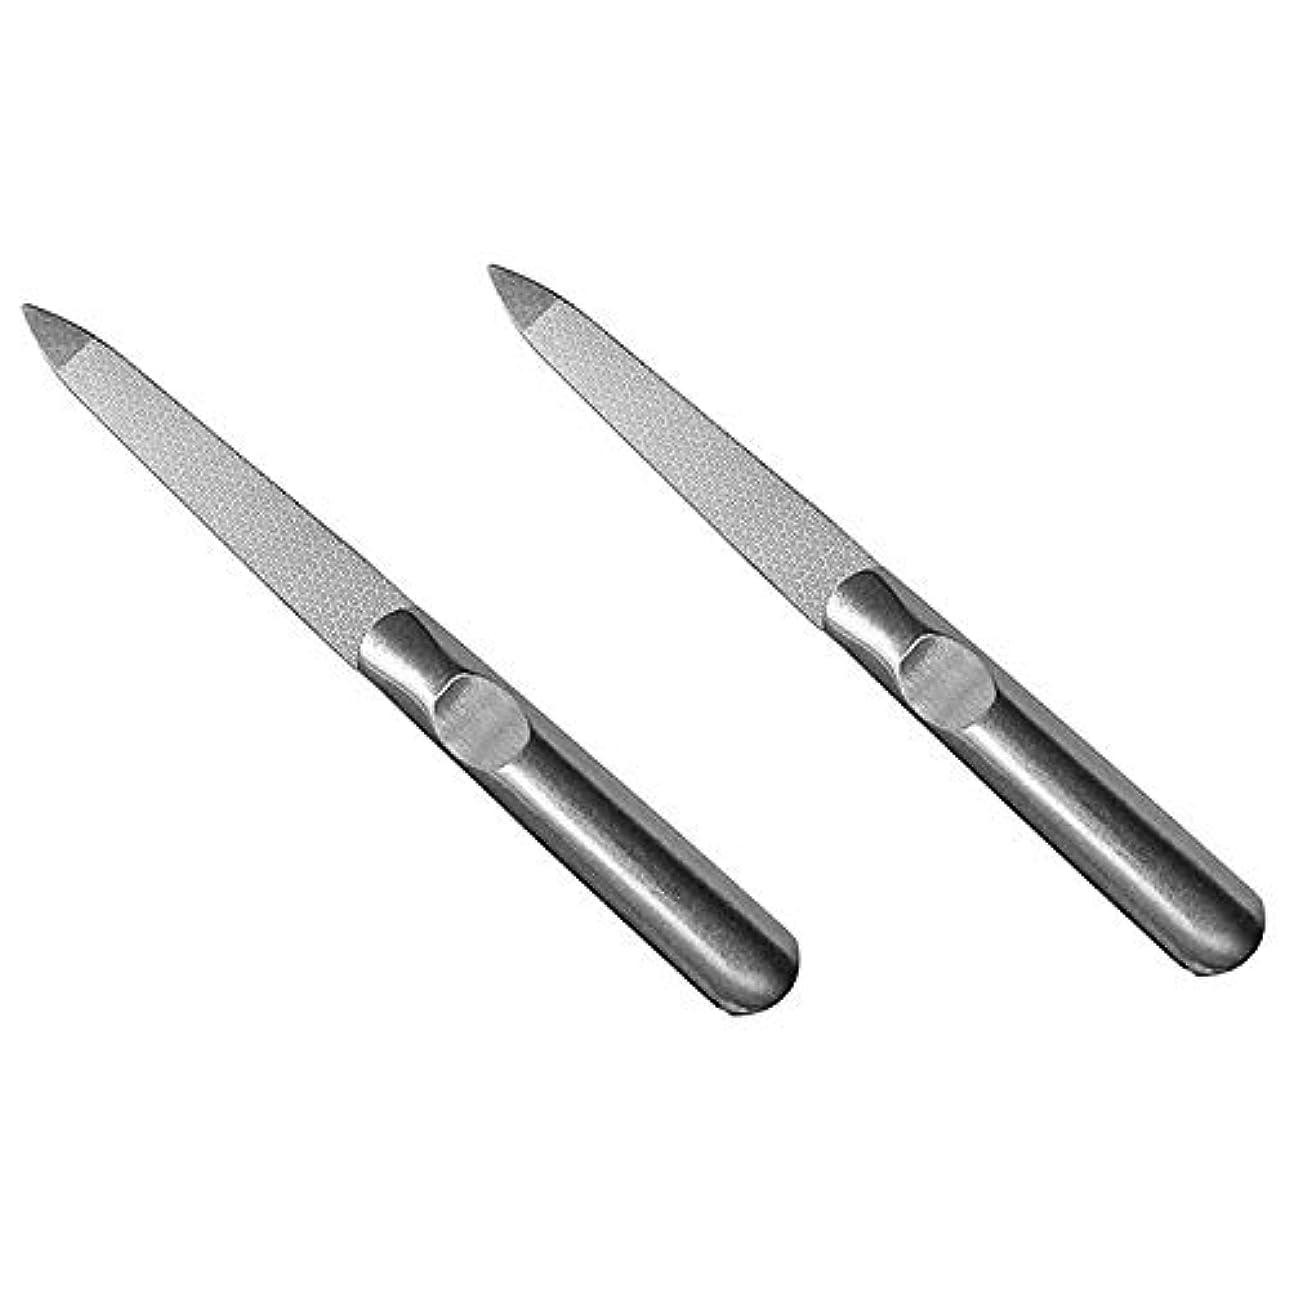 外側素晴らしさ検出可能Semoic 2個 ステンレススチール ネイルファイル 両面マット アーマー美容ツール Yangjiang爪 腐食の防止鎧